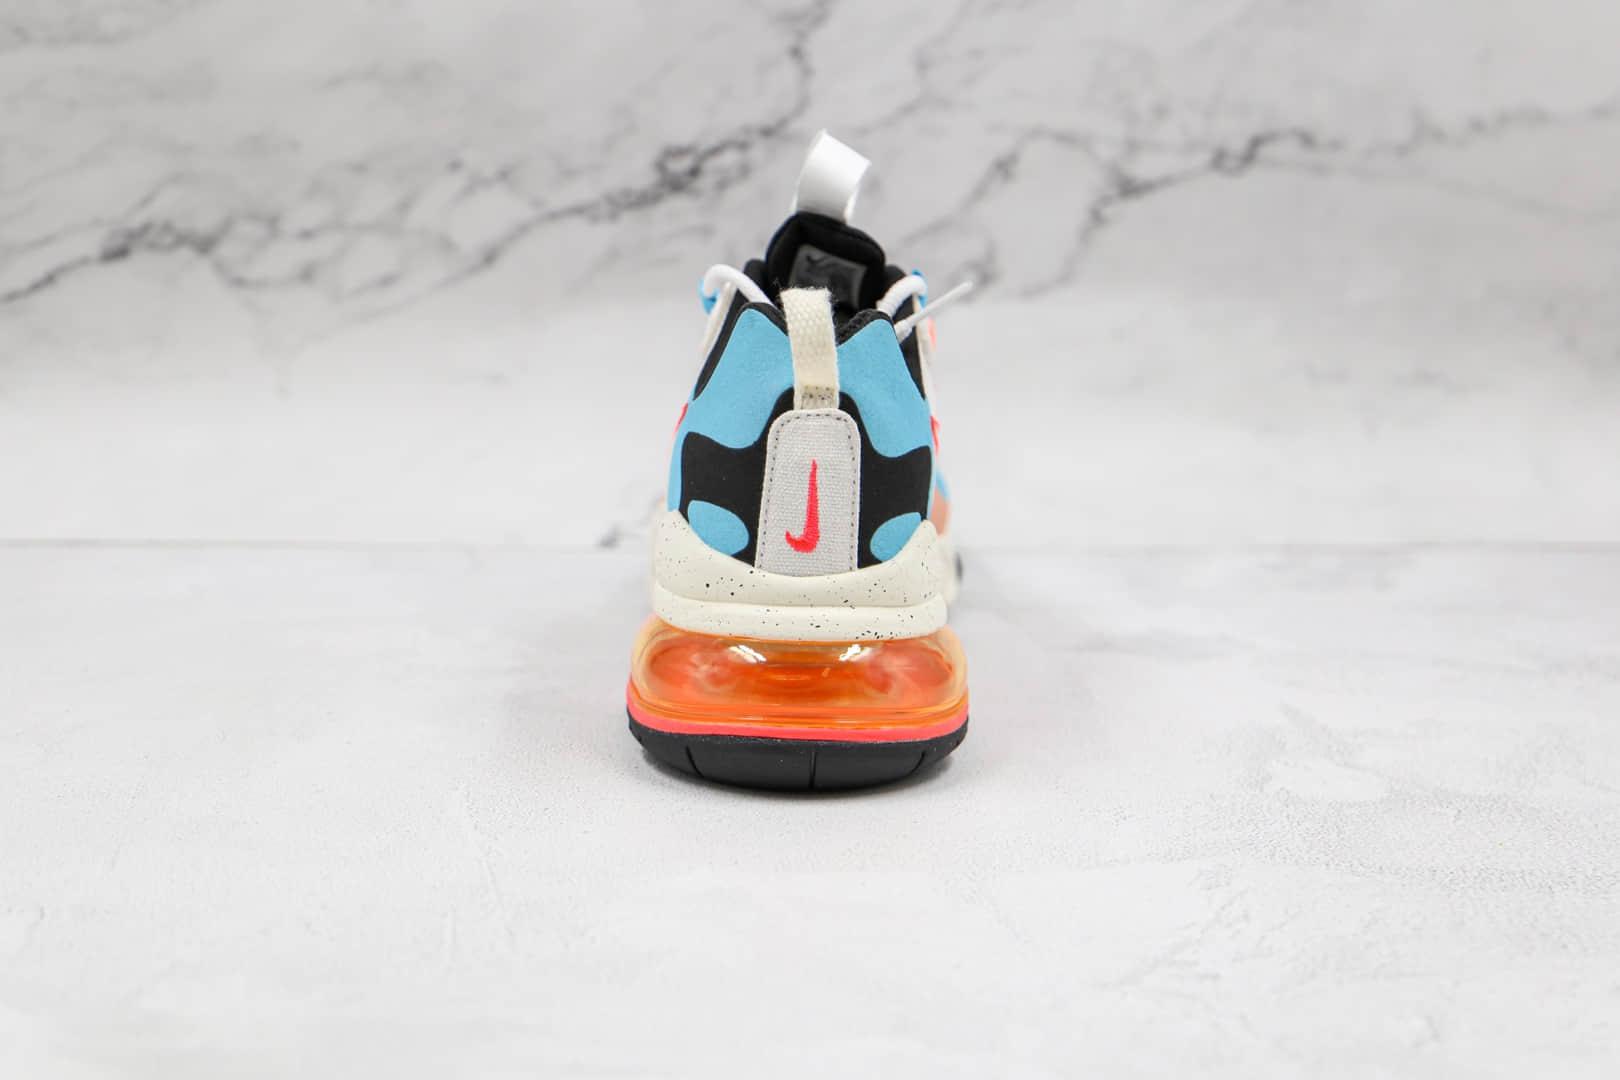 耐克Nike Air Max 270 React纯原版本白蓝红黑色Max270彩虹拼色气垫鞋原厂真小潘气垫 货号:DD8498-161